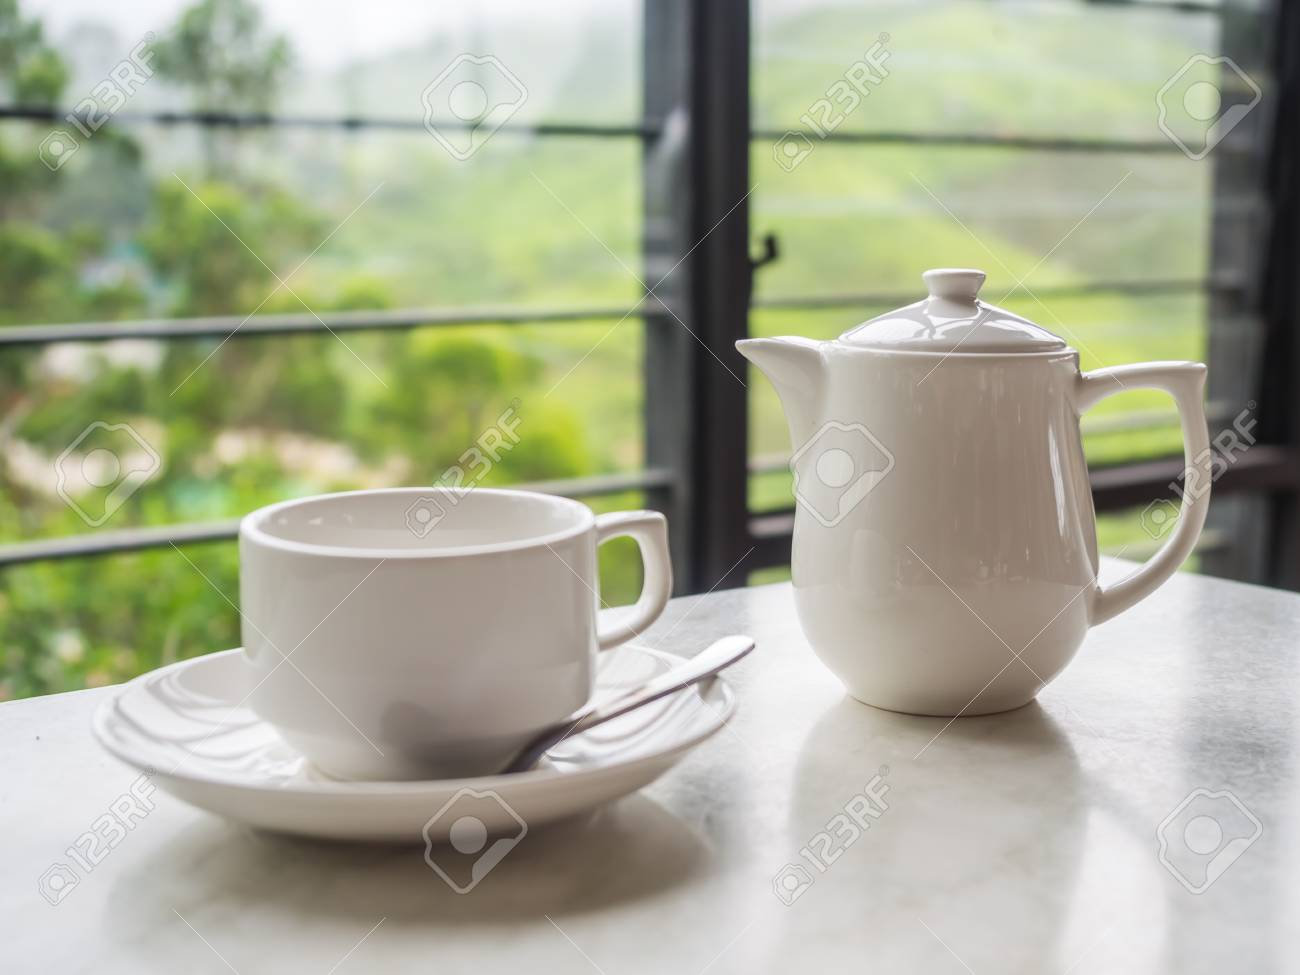 Weiße Teekanne weiße teekanne und tasse auf dem tisch im boh teeplantage